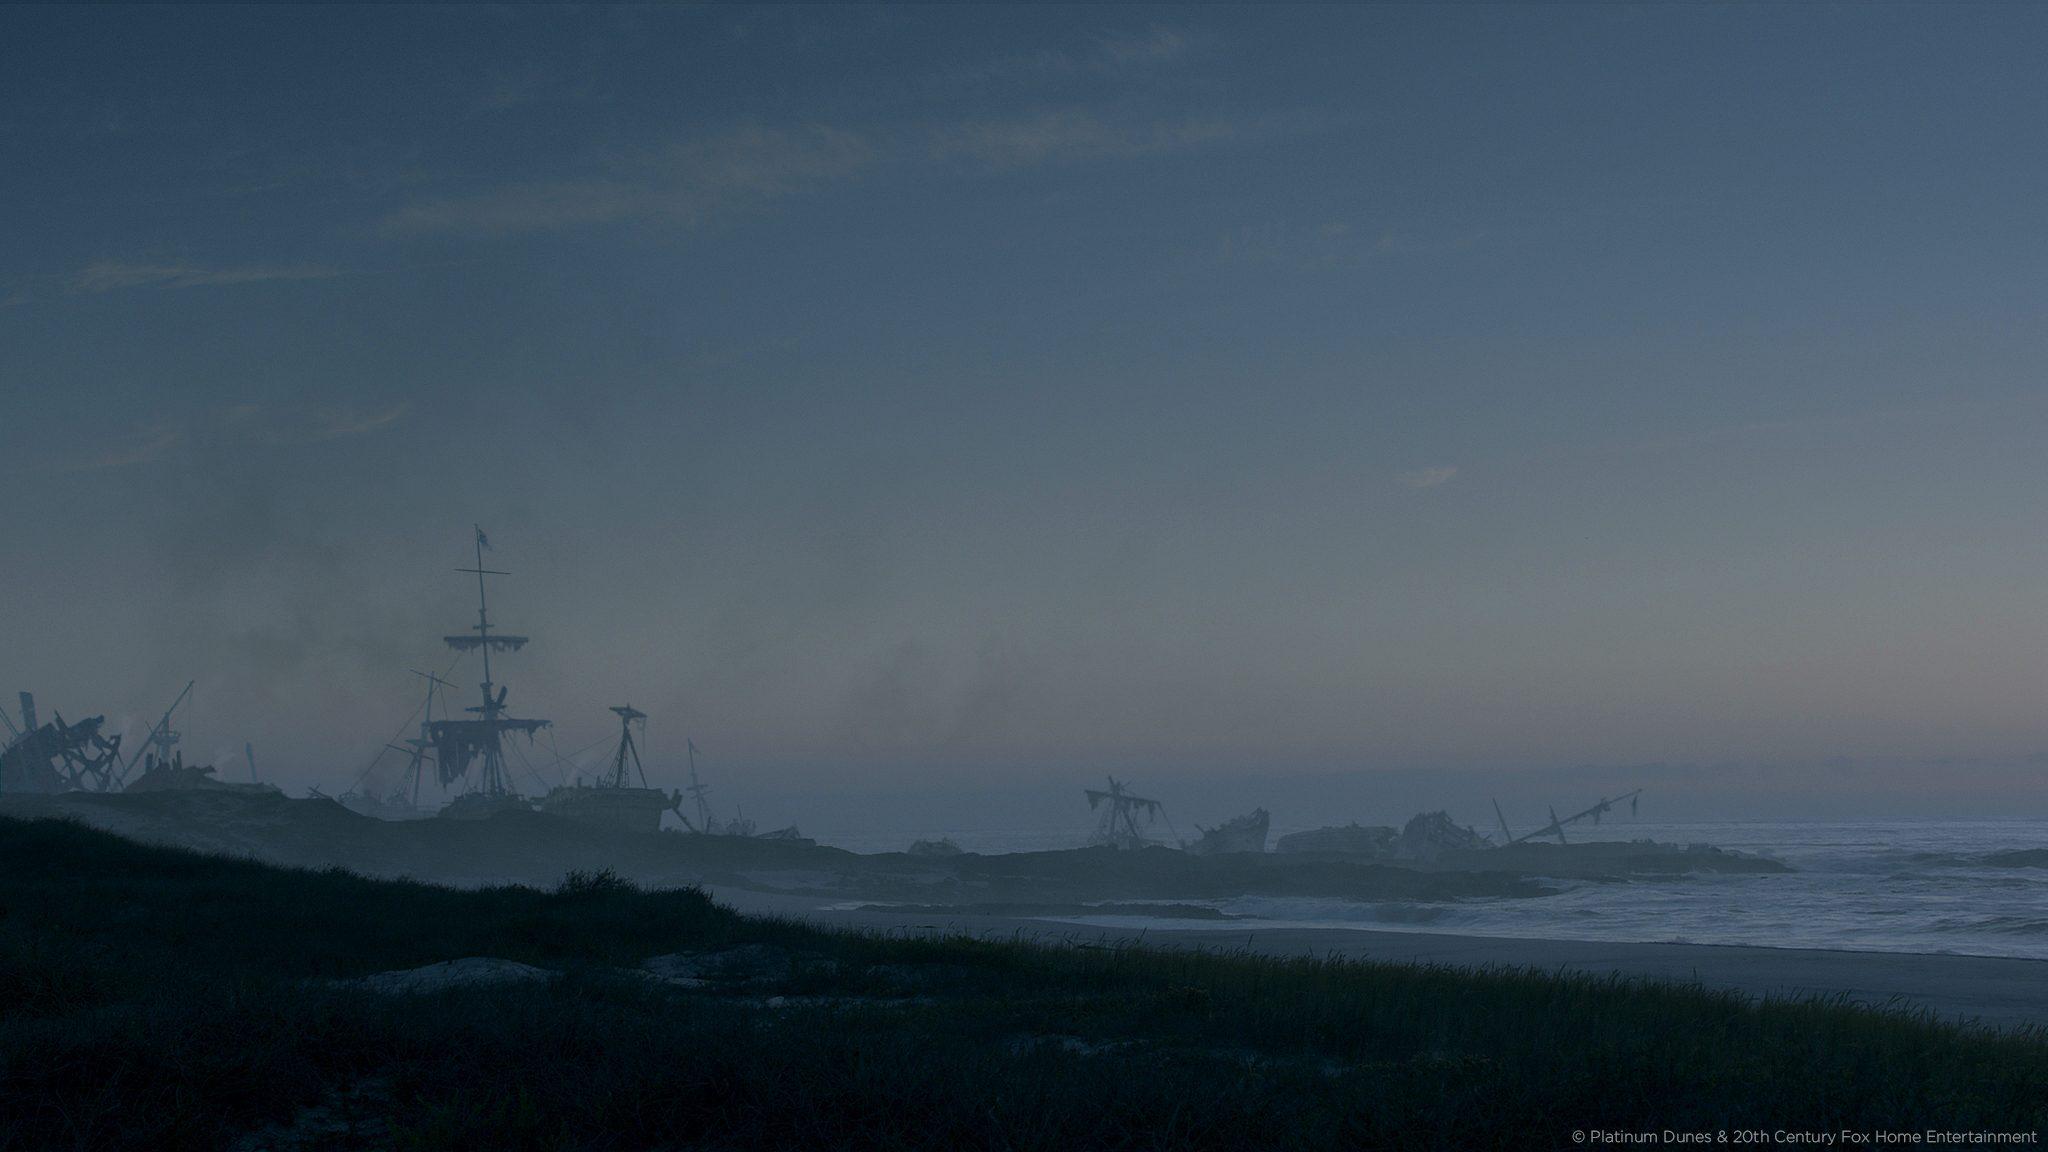 black-sails-shore-boat